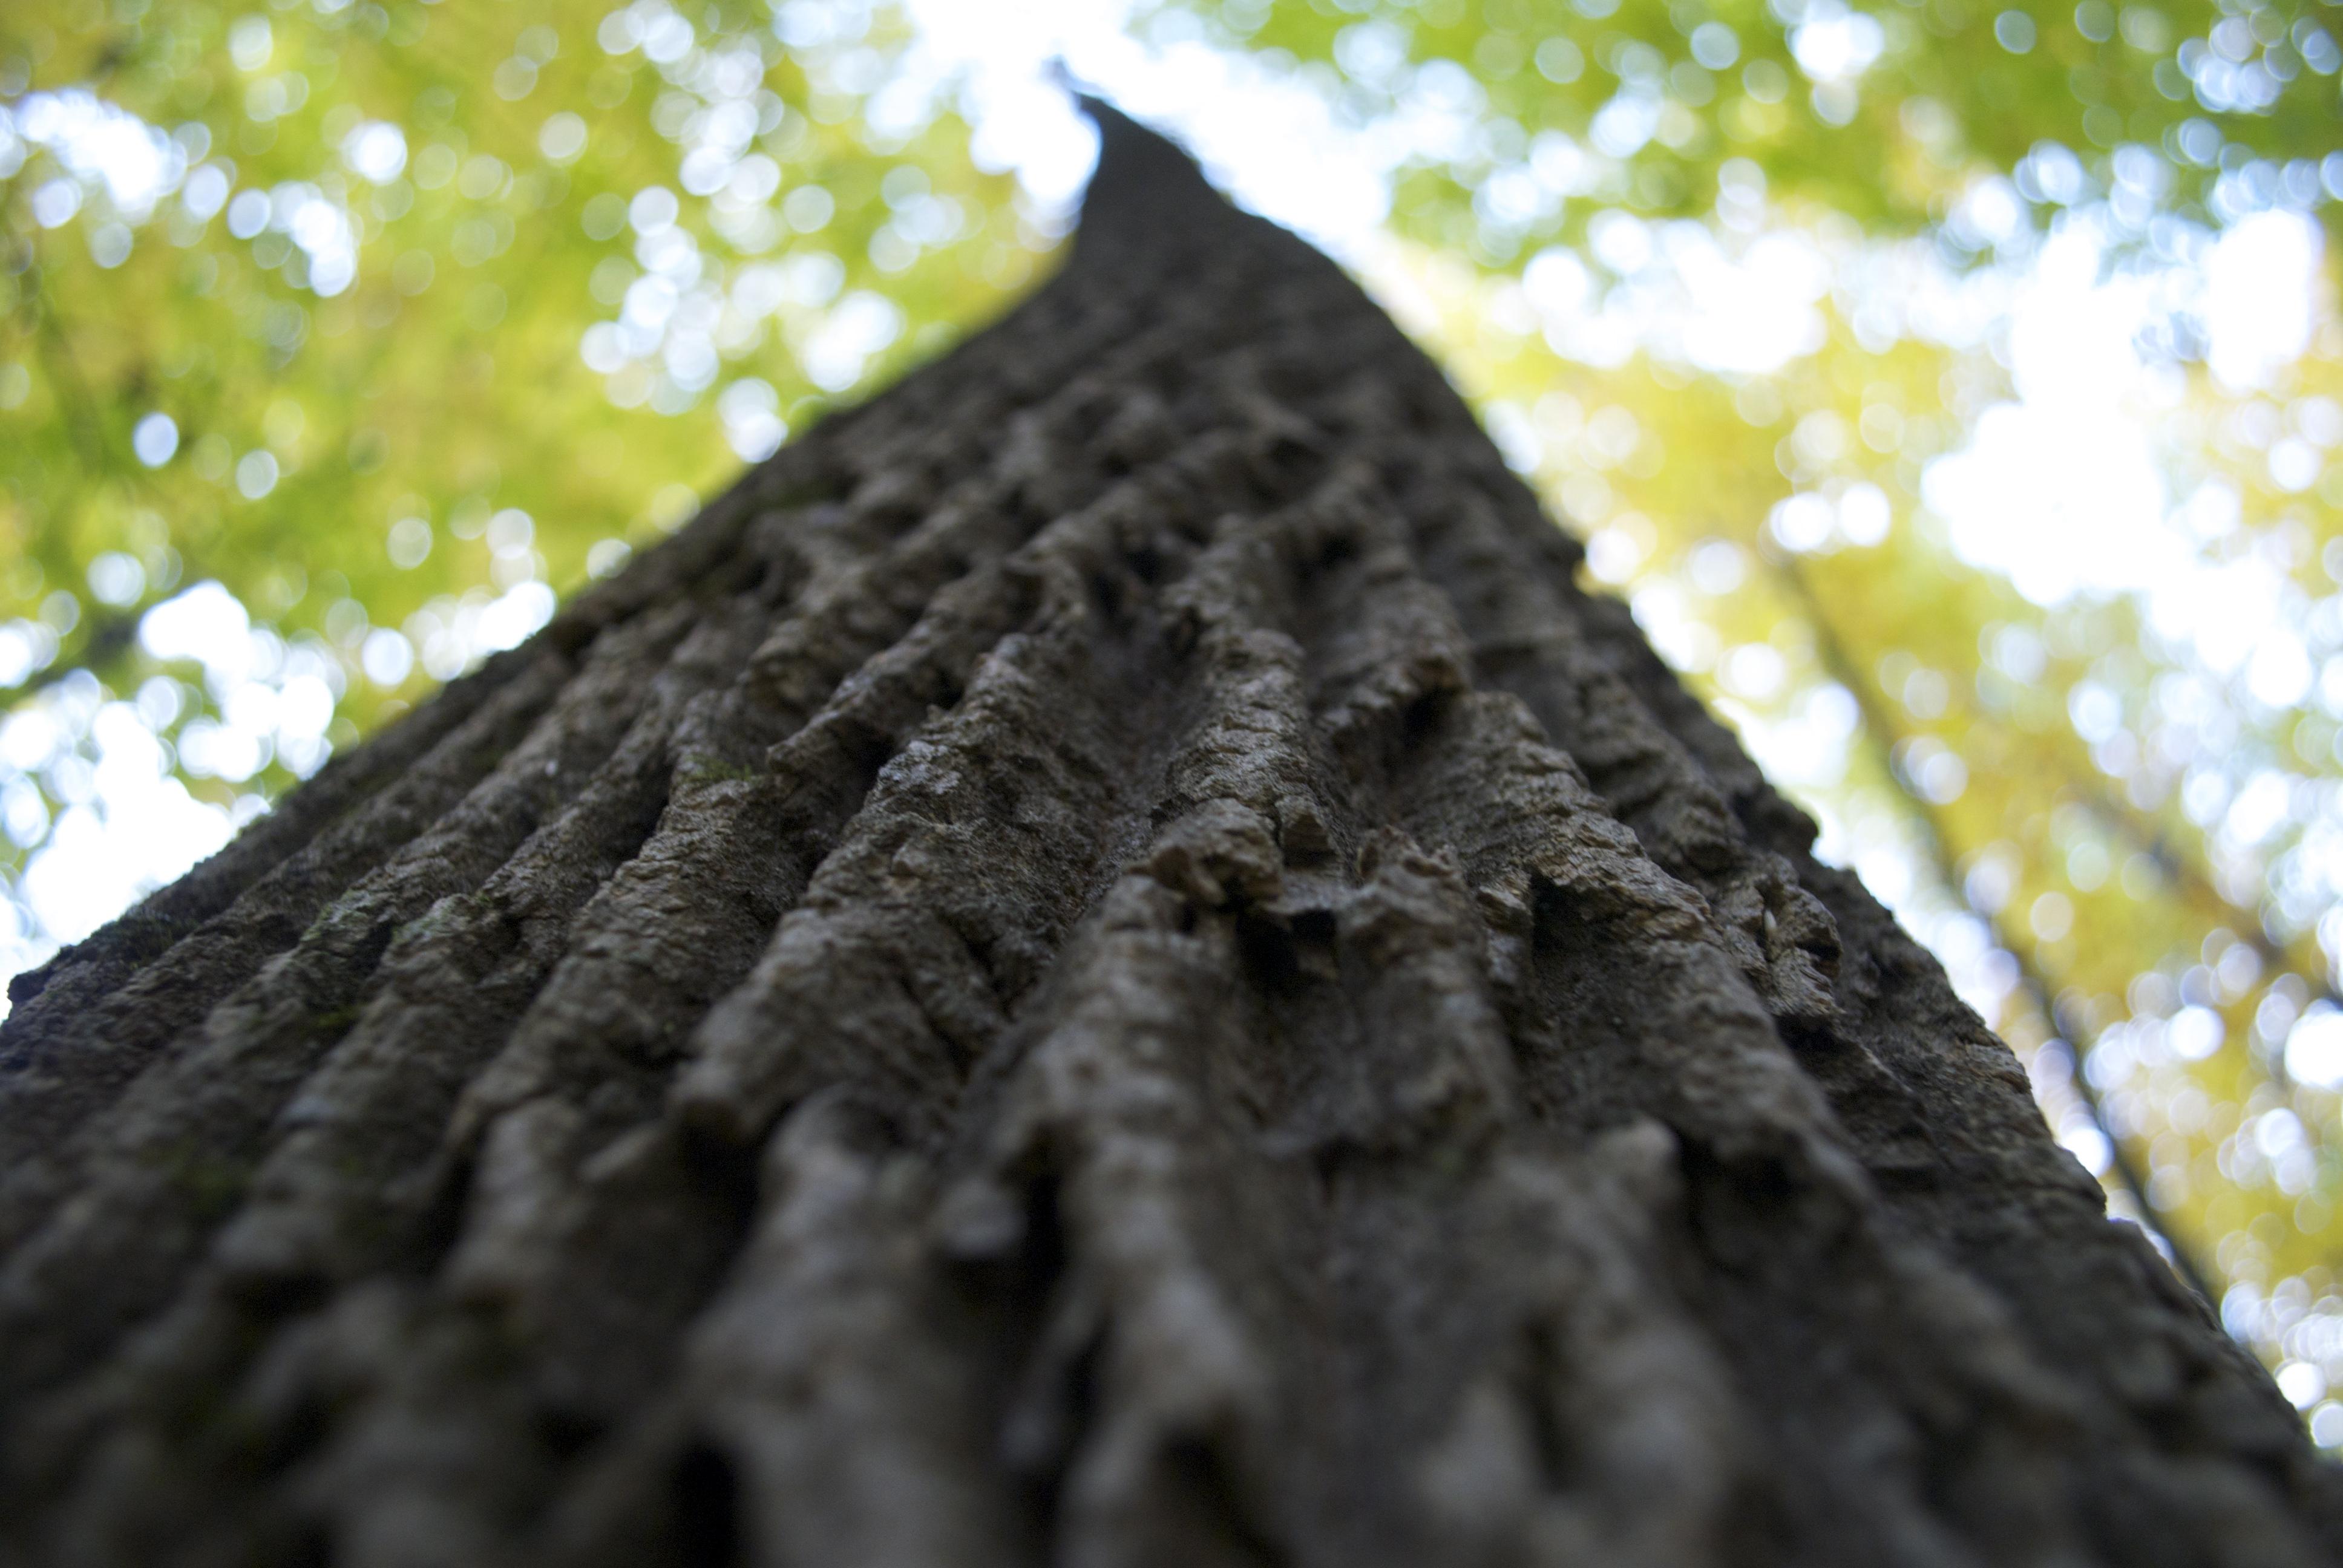 Tree-trunk-bobby-soosaar